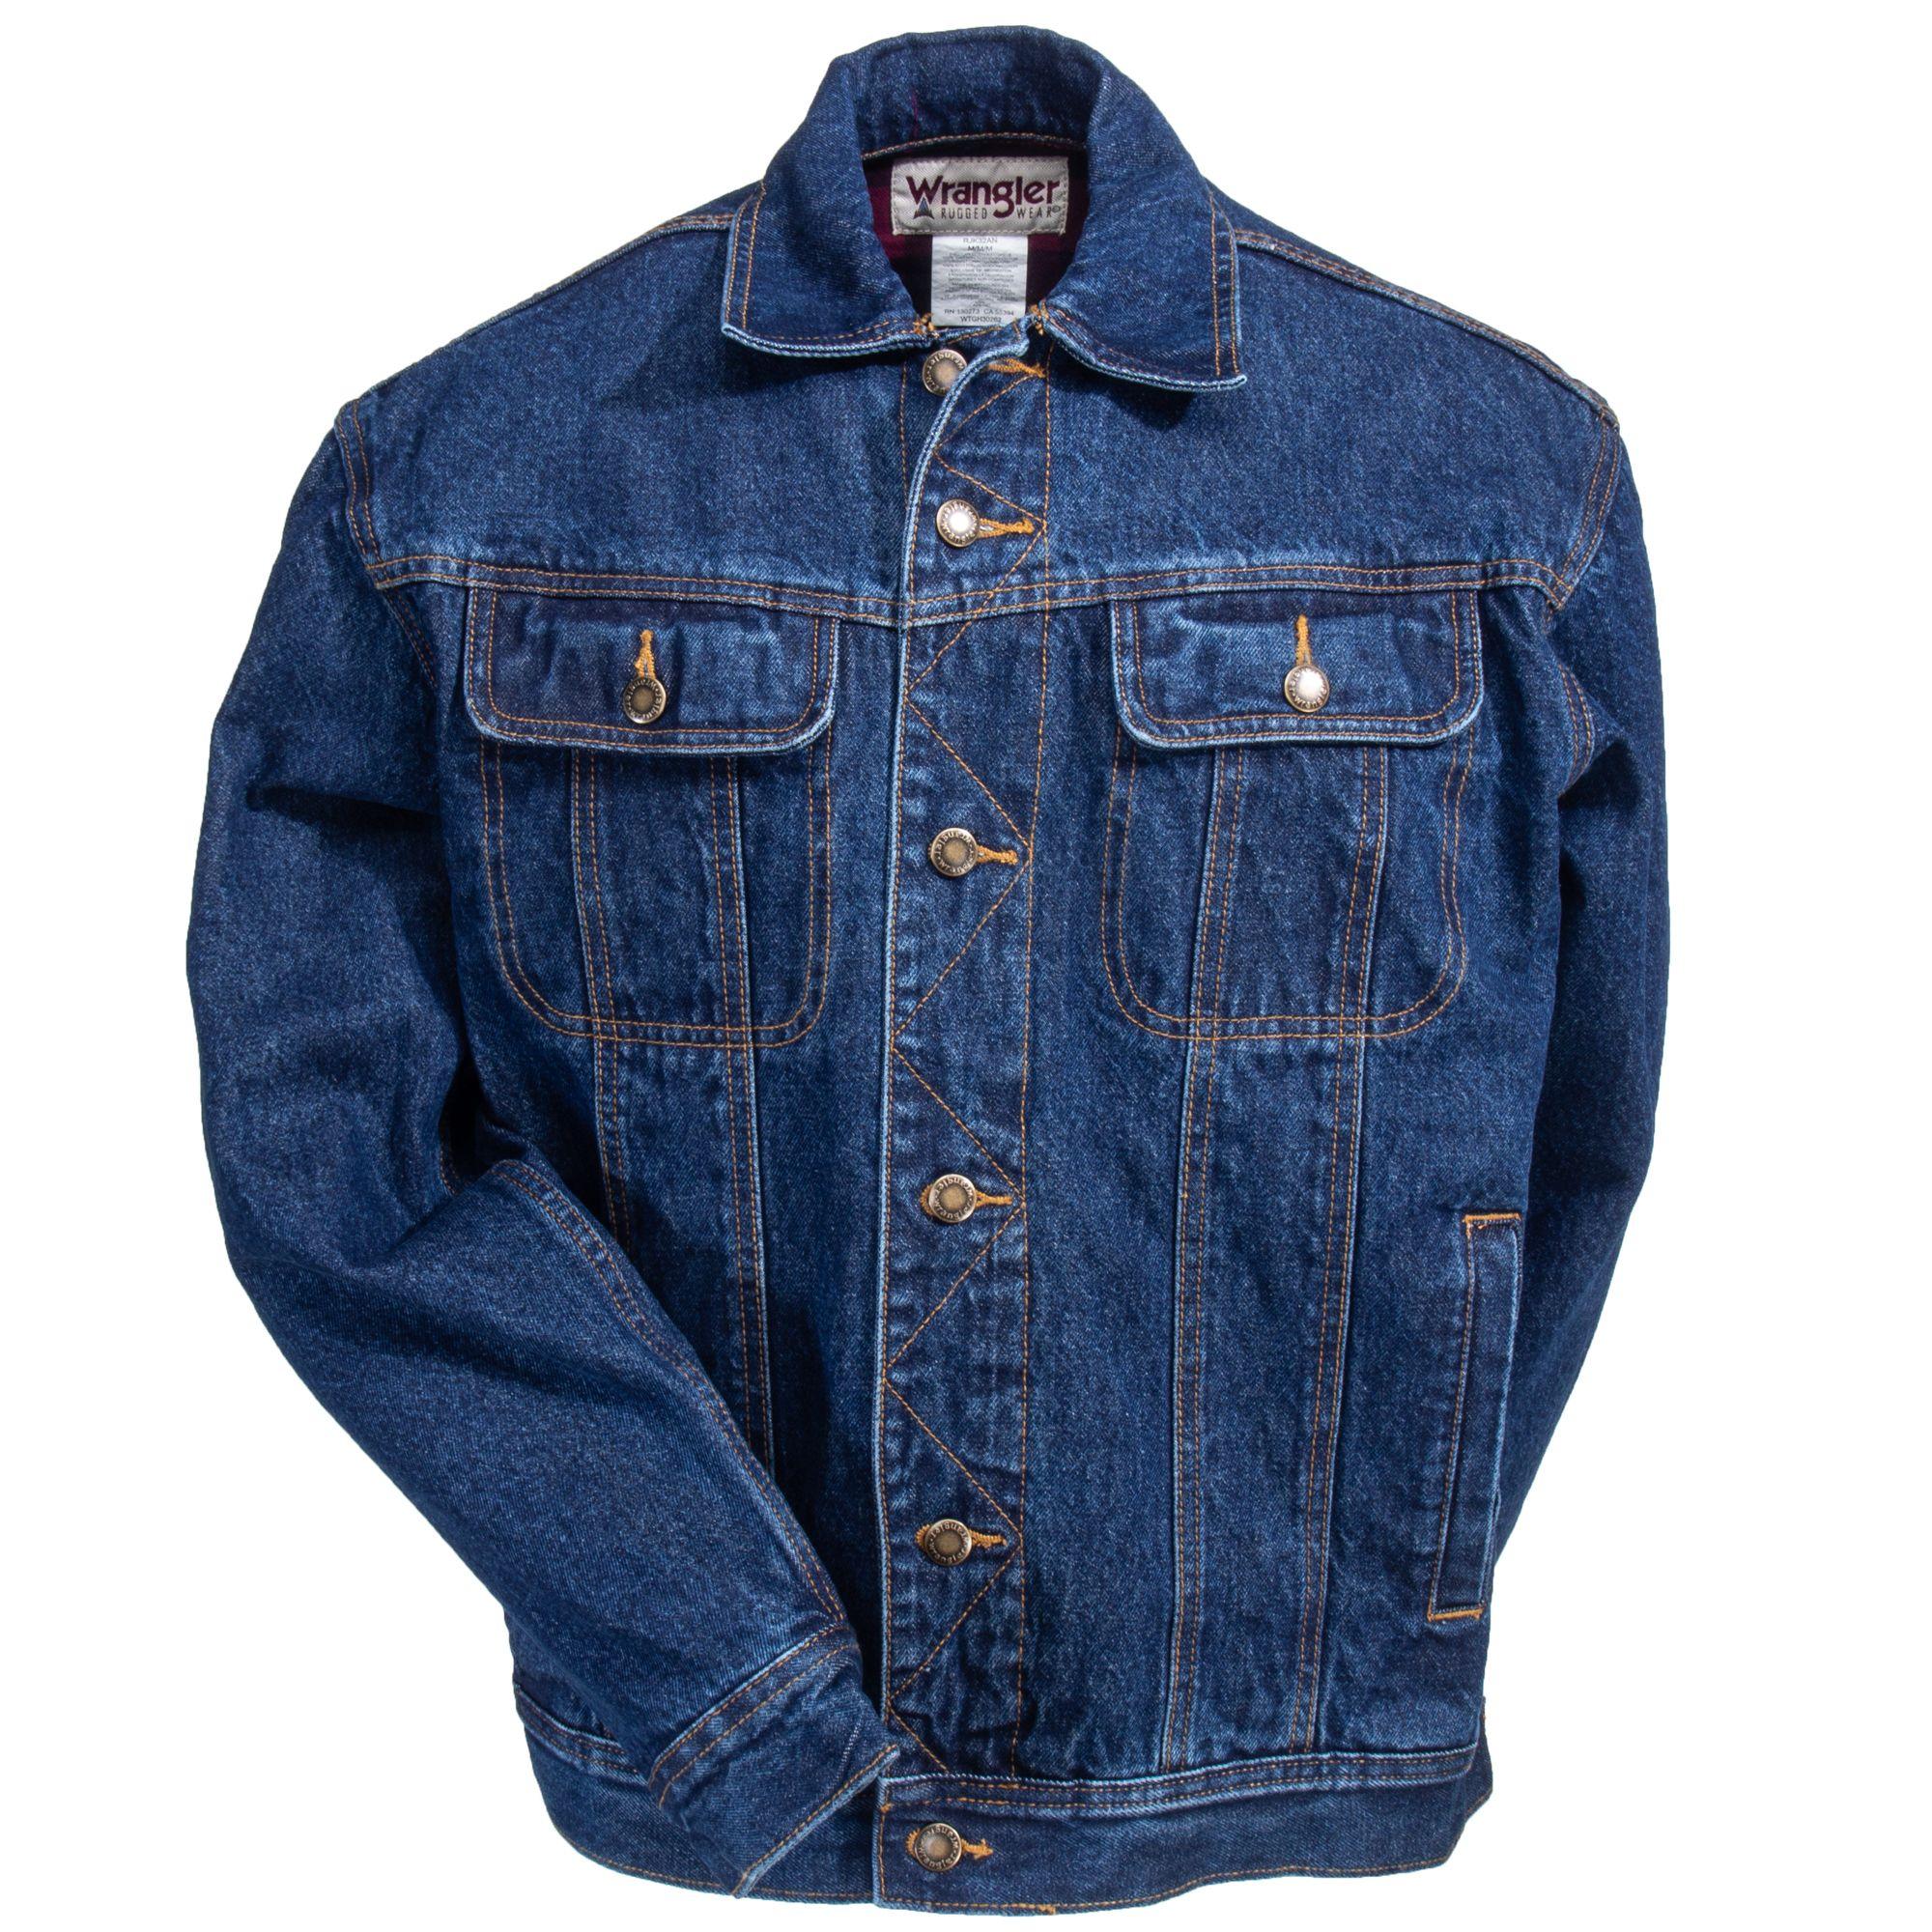 90eba1918da Wrangler RJK32 AN Men s Flannel Lined Denim Jacket. Wrangler Men s Rugged  Wear ...